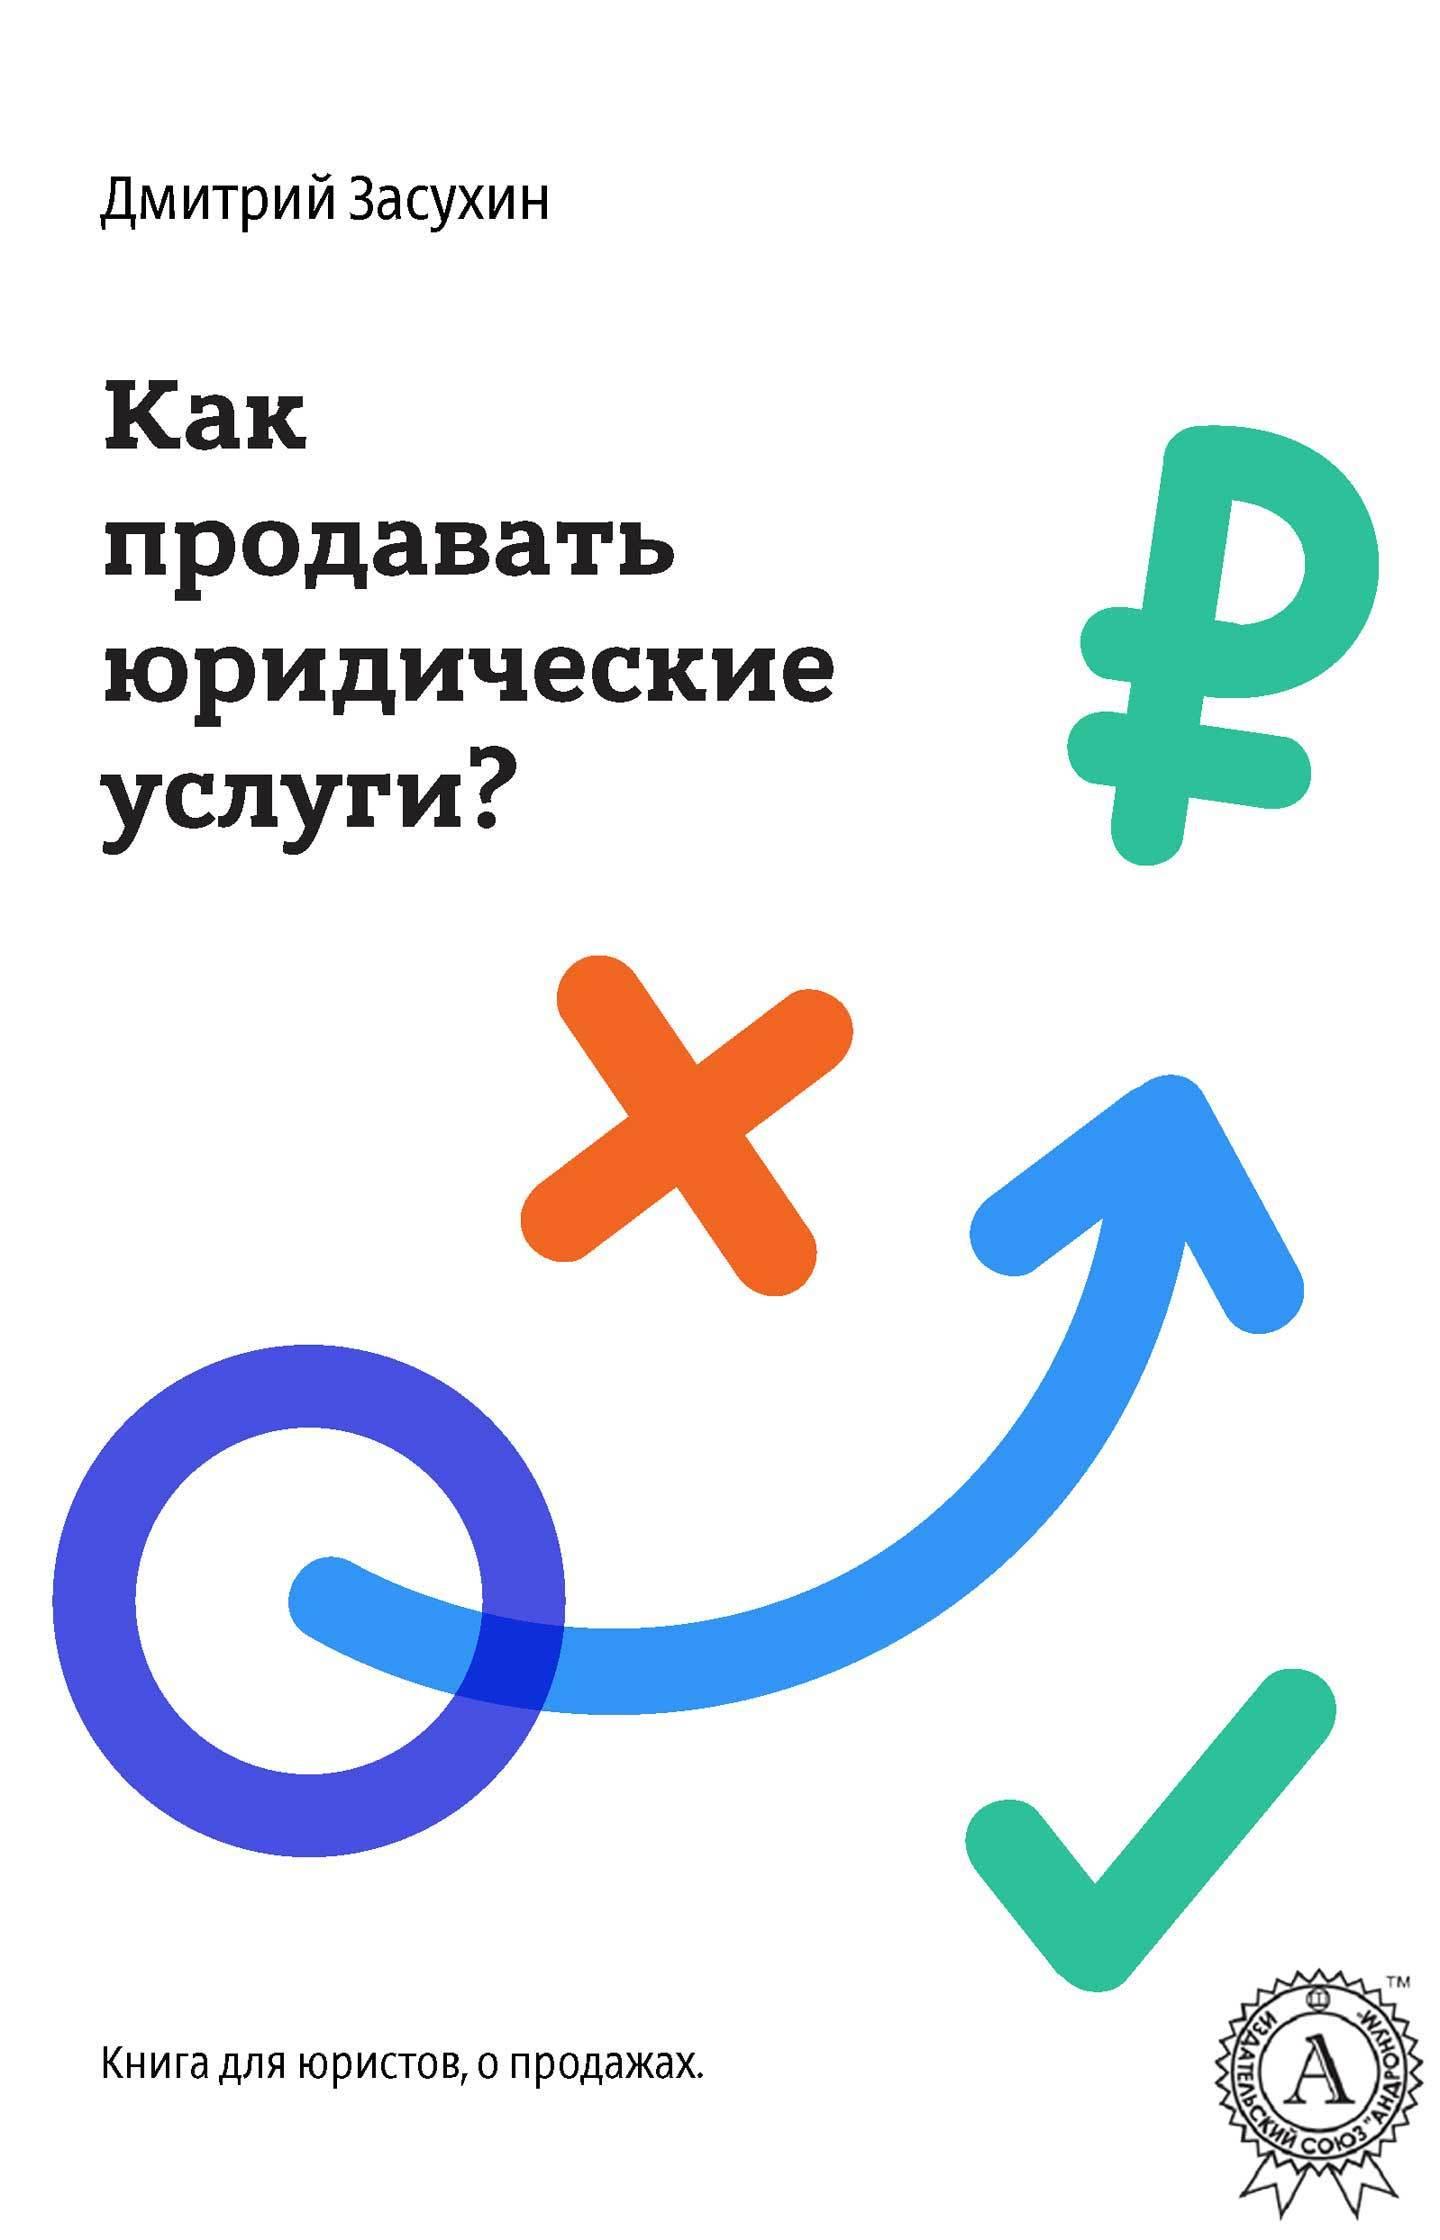 Дмитрий Засухин Юридический маркетинг. Как продавать юридические услуги?